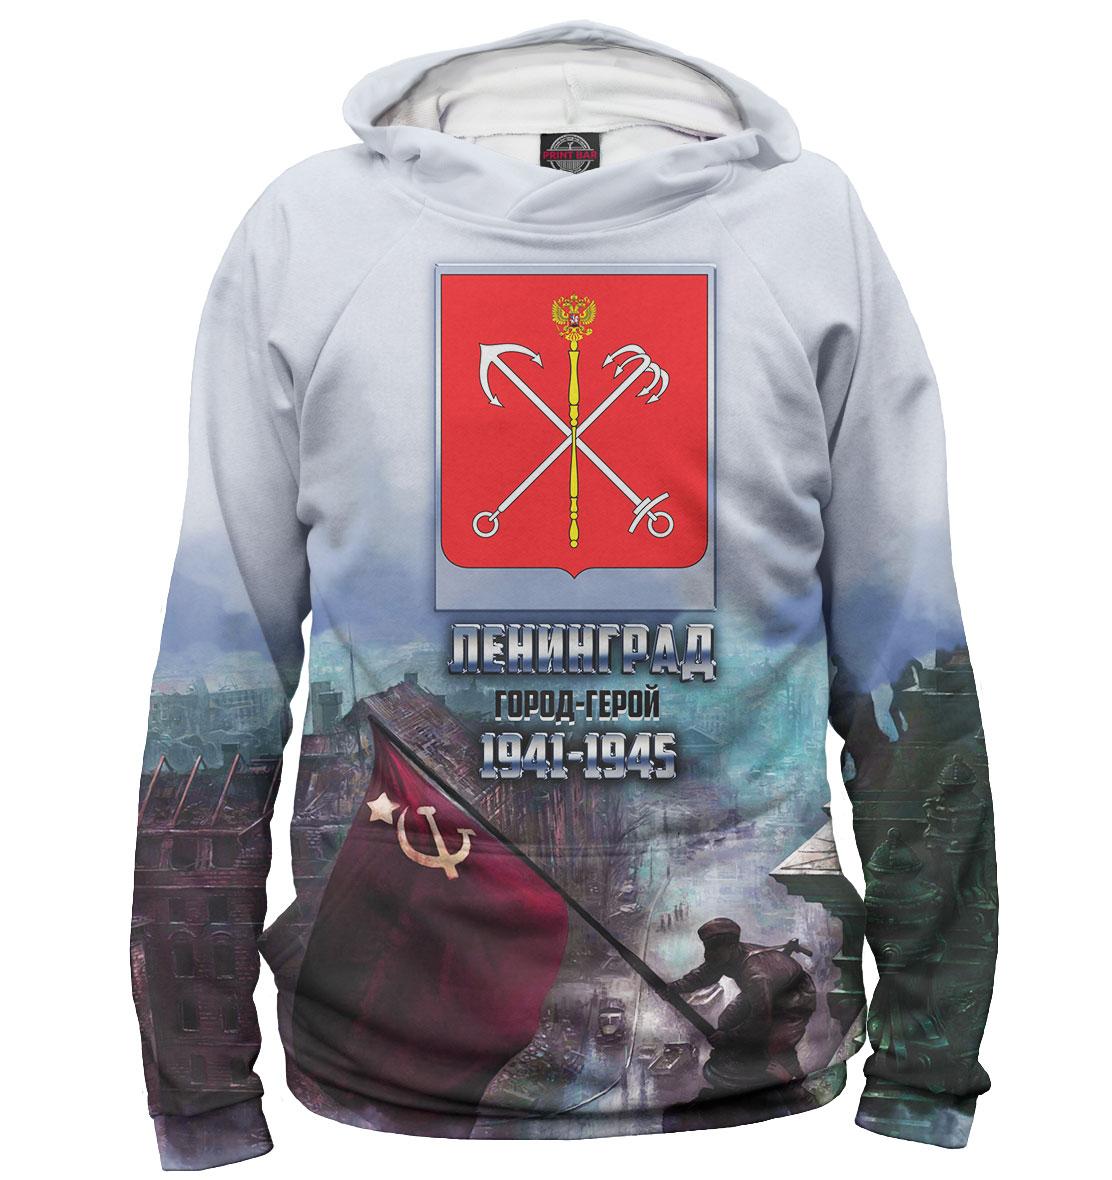 Купить Ленинград — город-герой, Printbar, Худи, 9MA-486142-hud-1